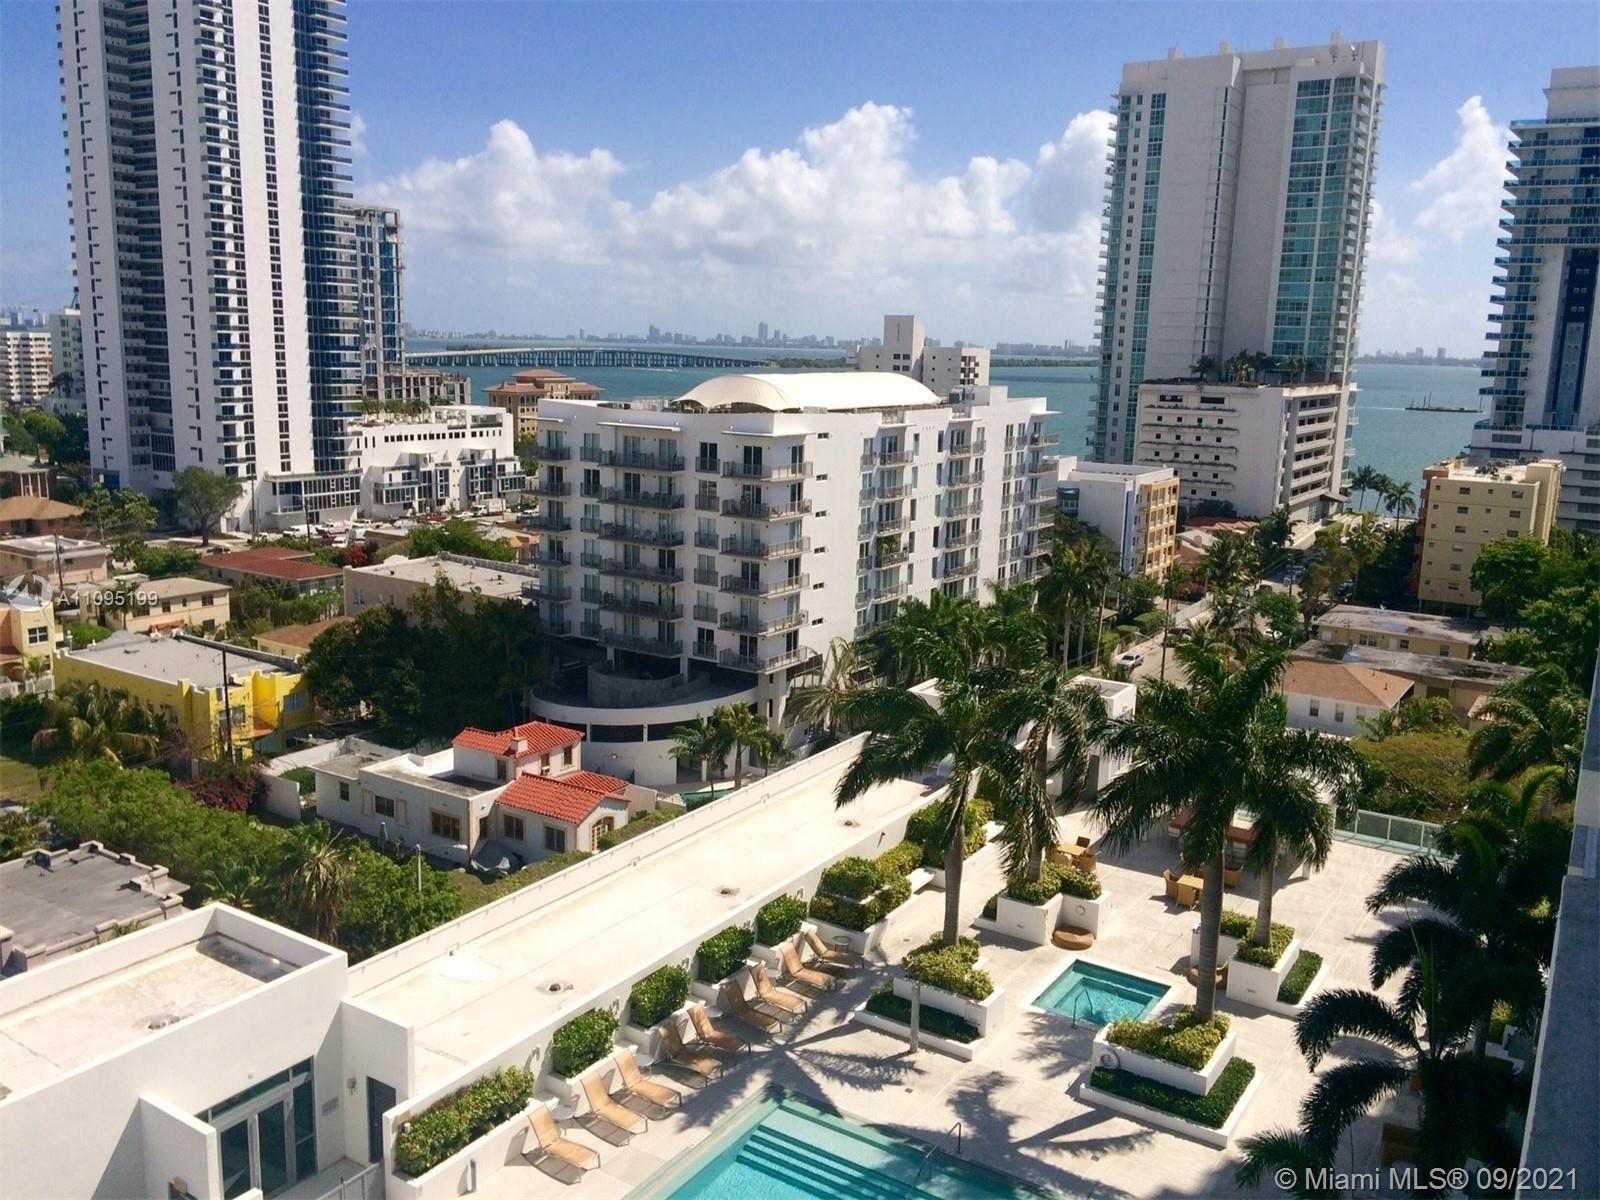 333 NE 24 #1103, Miami, FL 33137 - #: A11095199